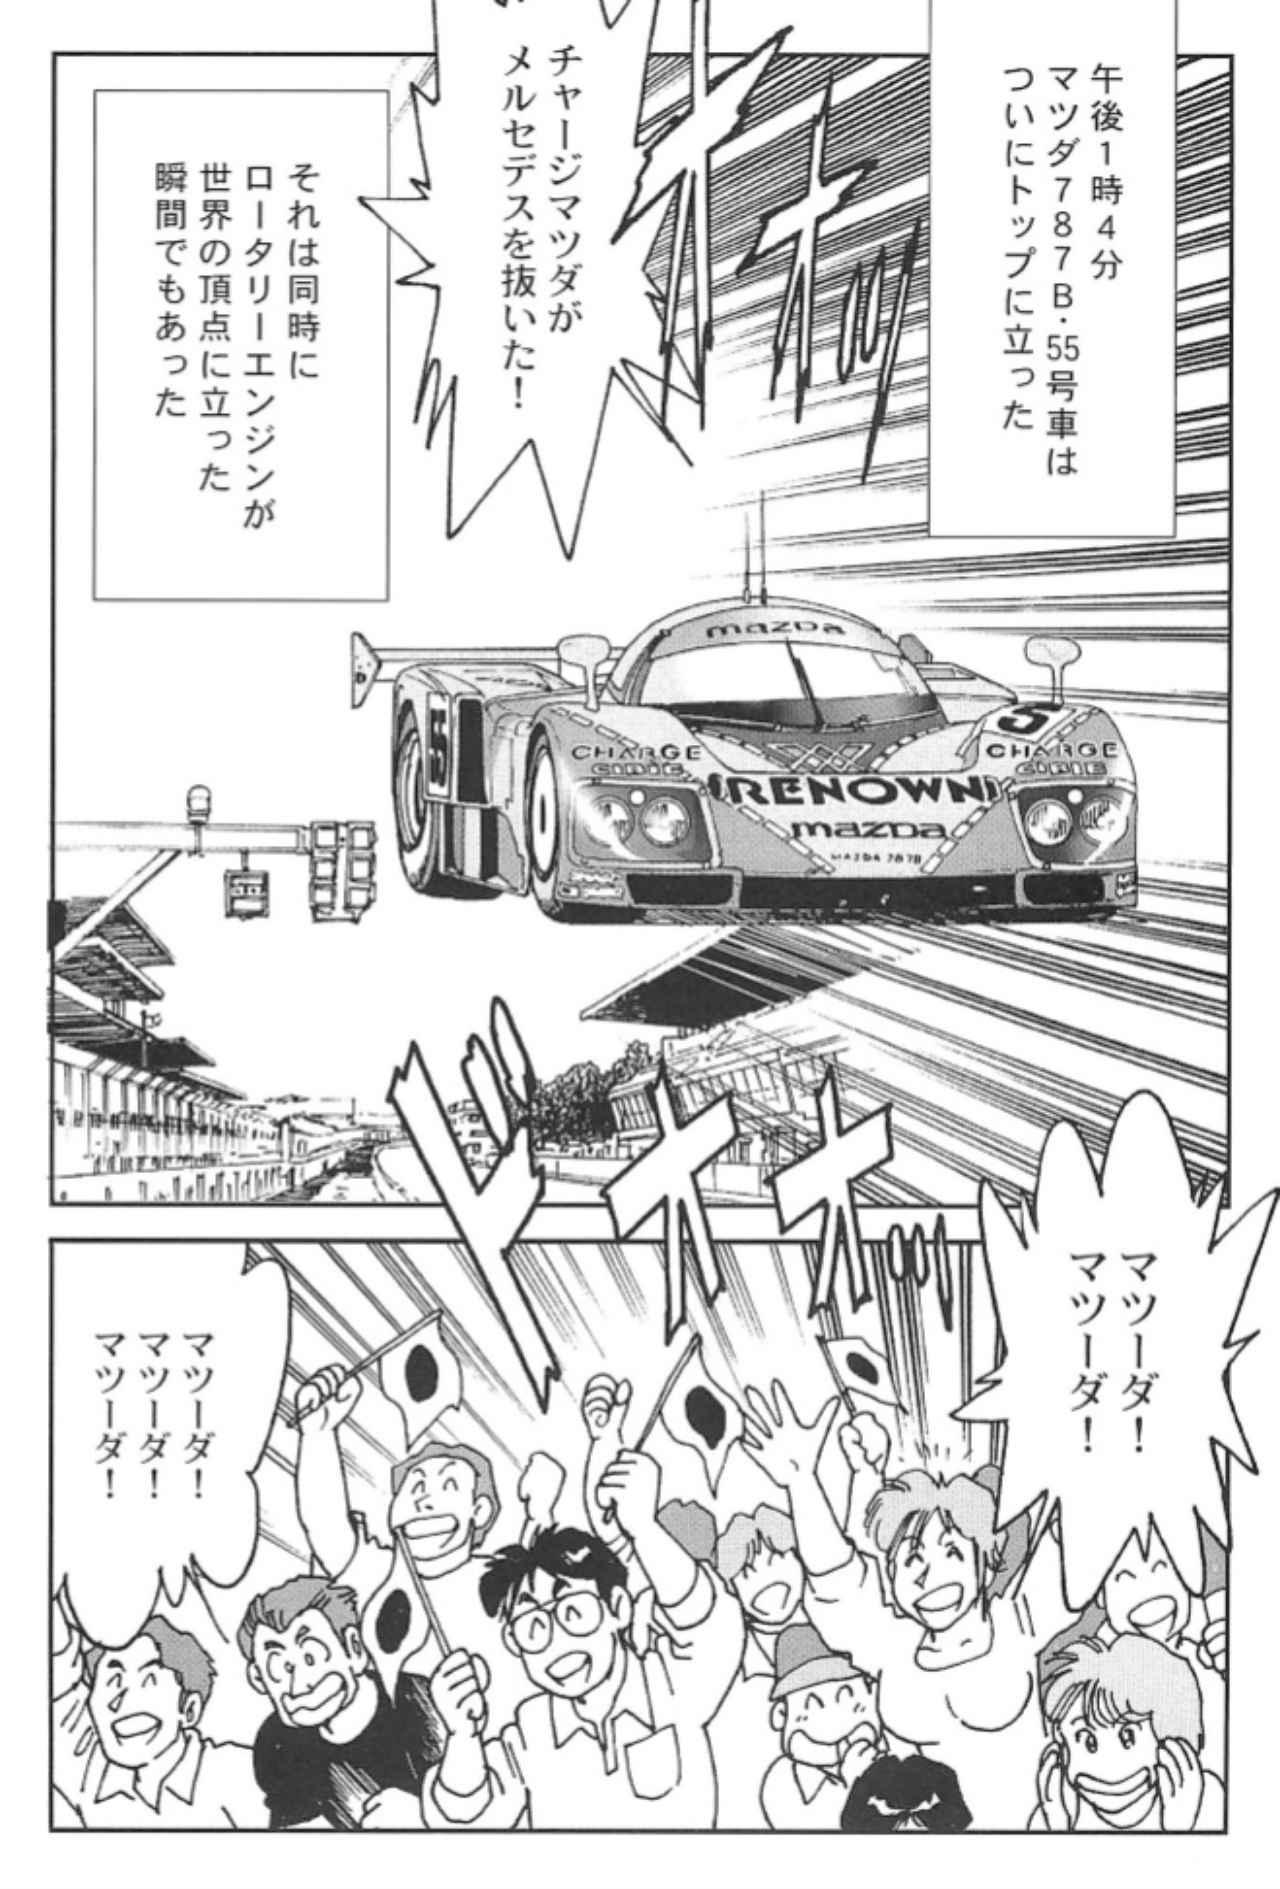 画像7: (夢を継ぐもの~ロータリー・エンジン開発物語@モーターマガジン社) blogs.yahoo.co.jp